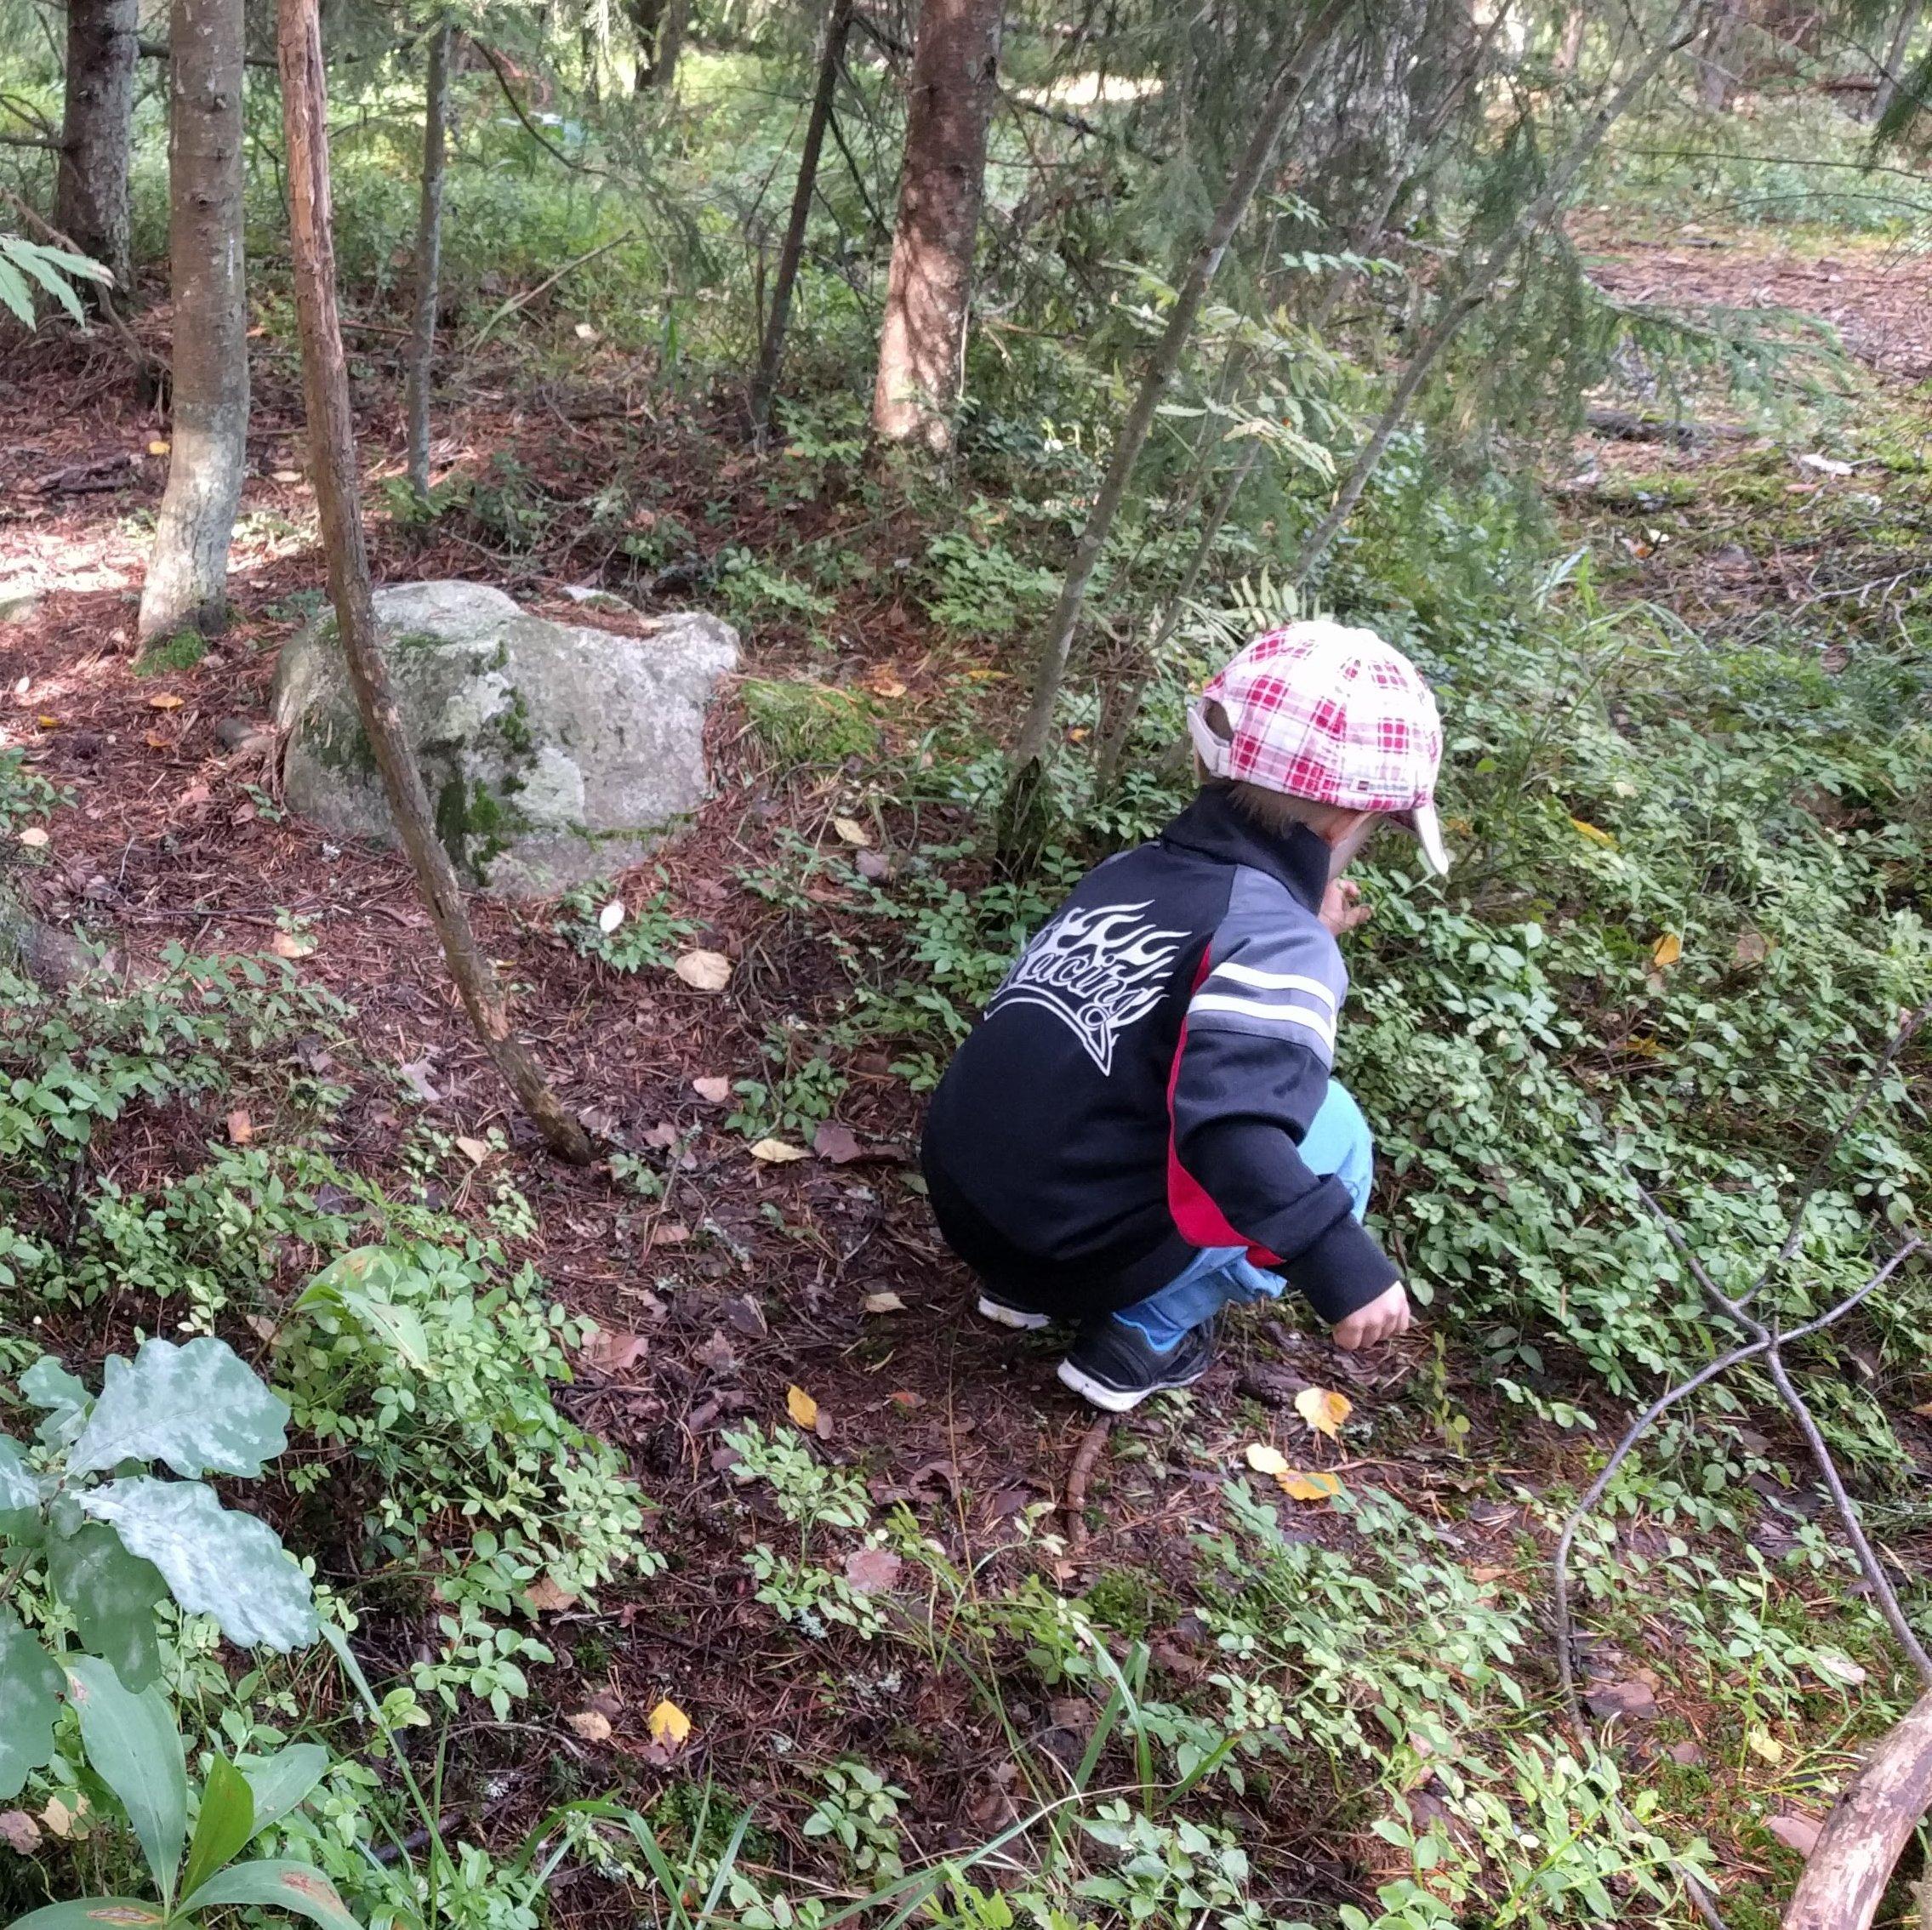 kaksi lasta tutkivat metsän kasveja kyyristyneinä maata kohti